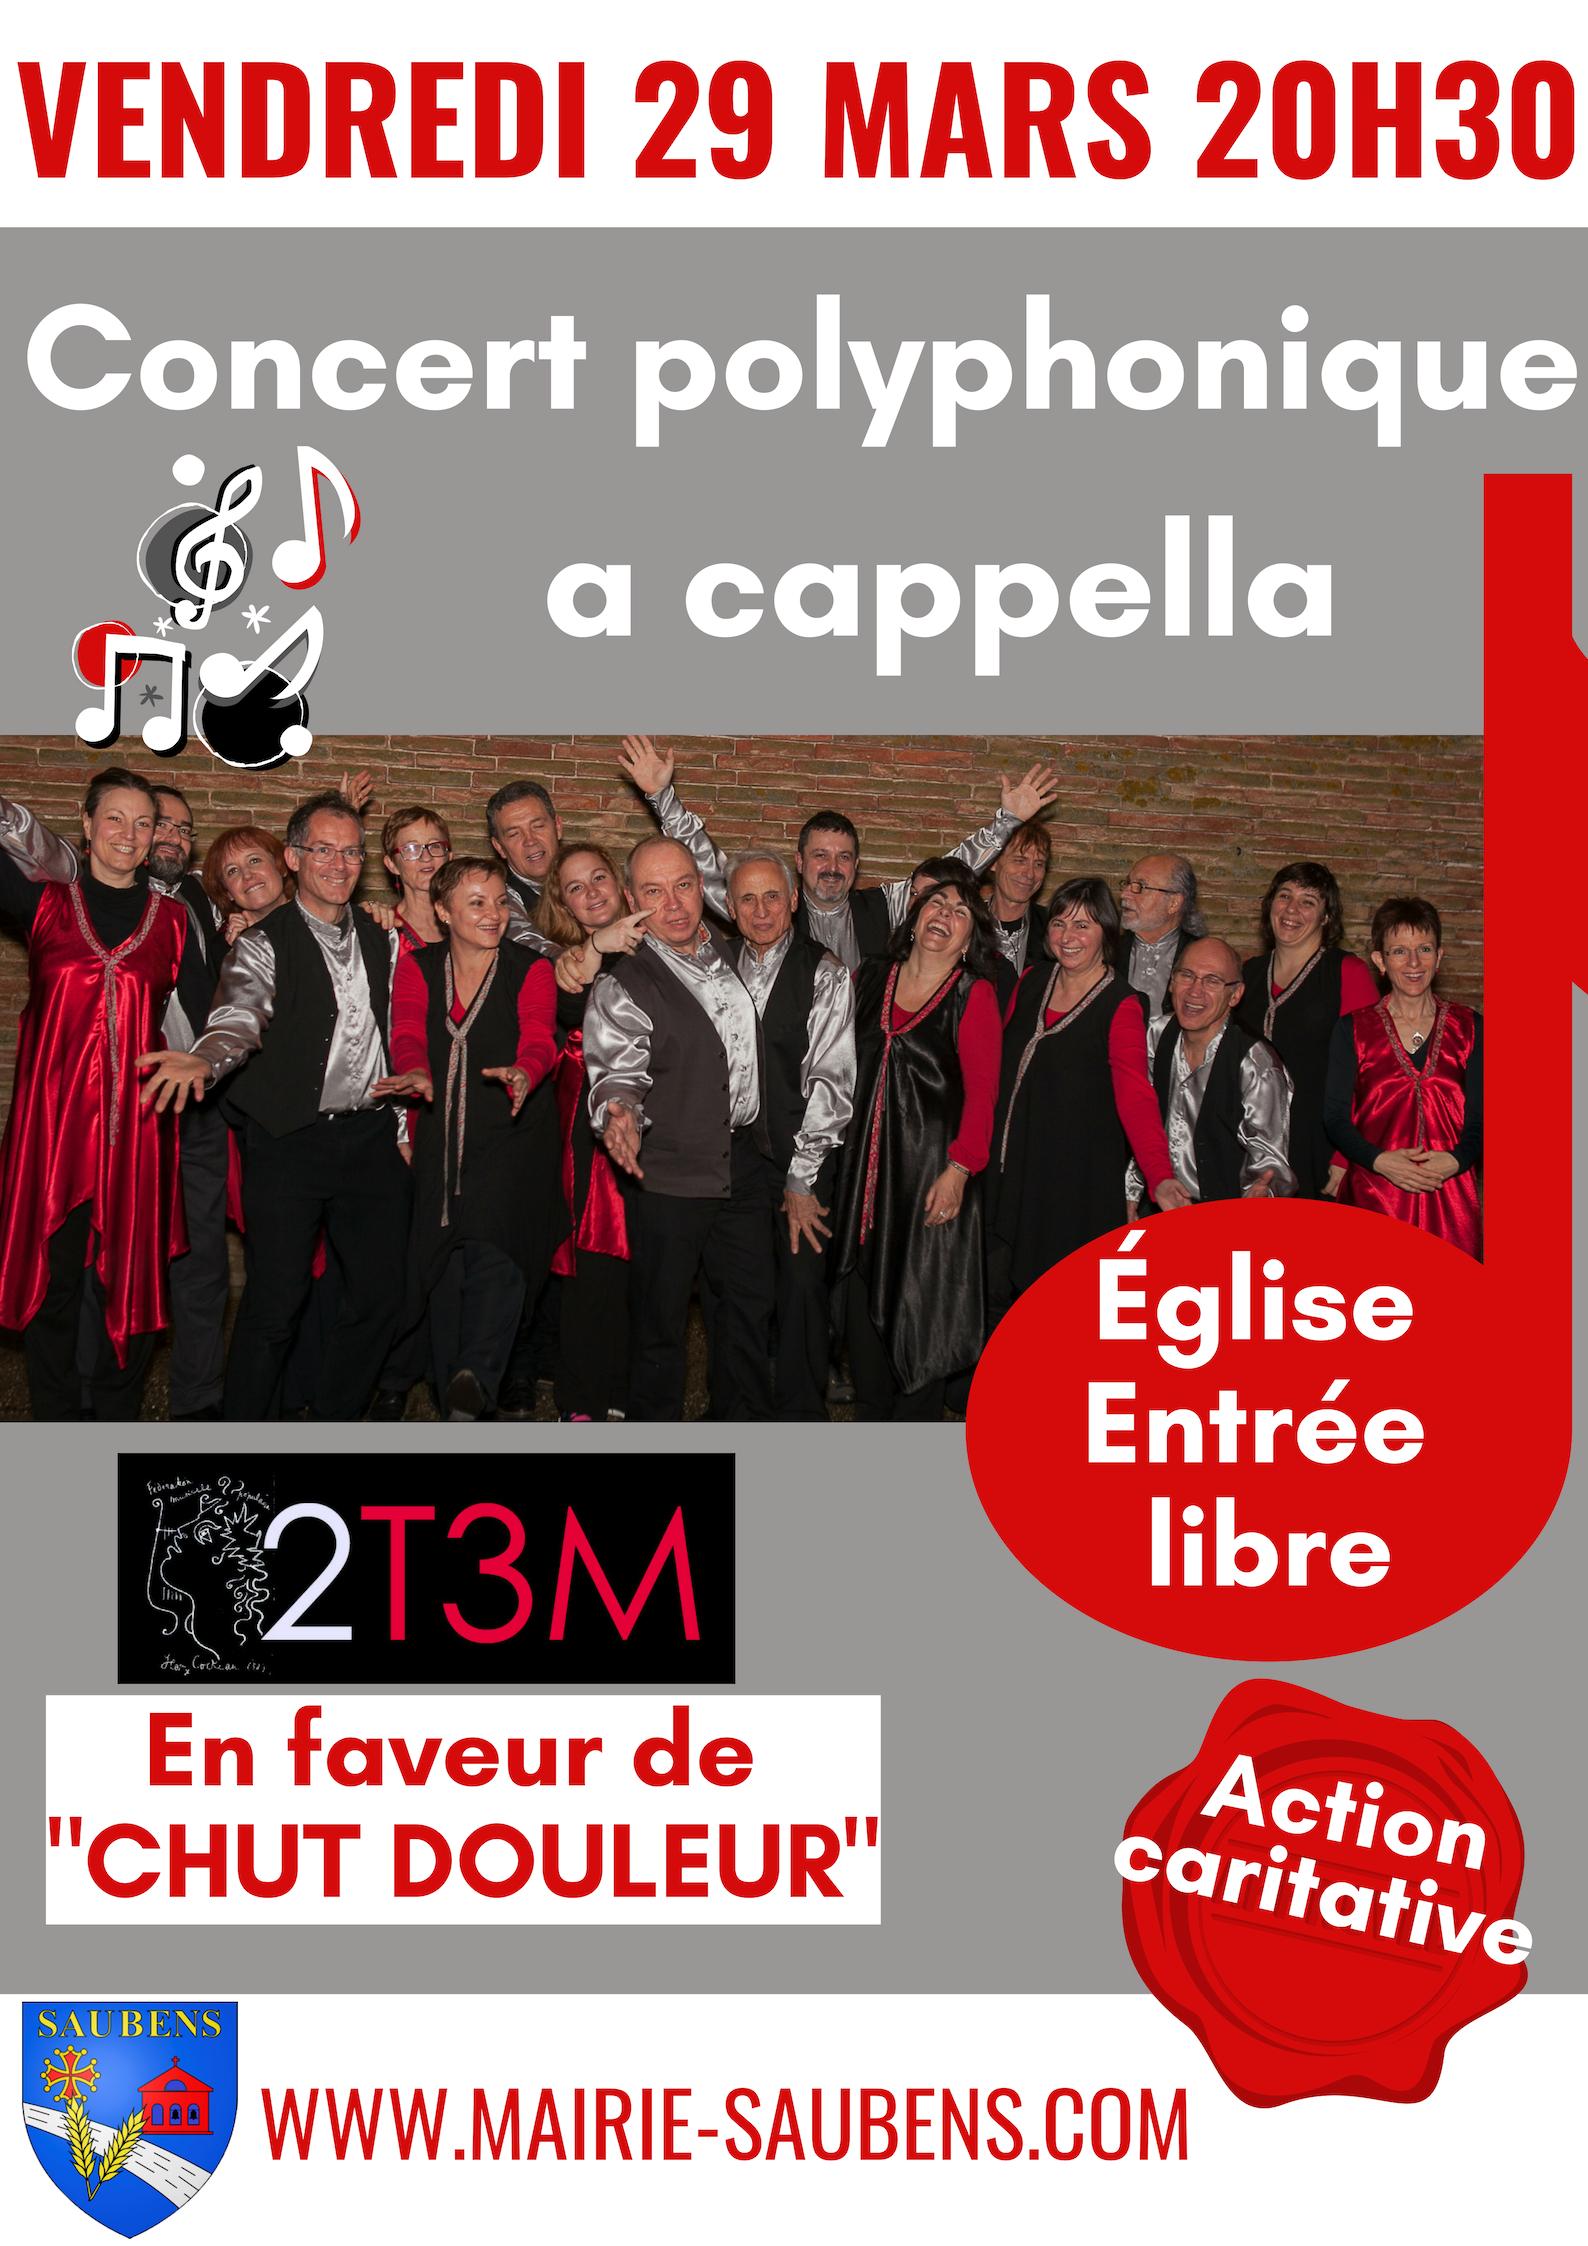 """Concert polyphonique a cappella de 2T3M en faveur de """"CHUT DOULEUR"""""""